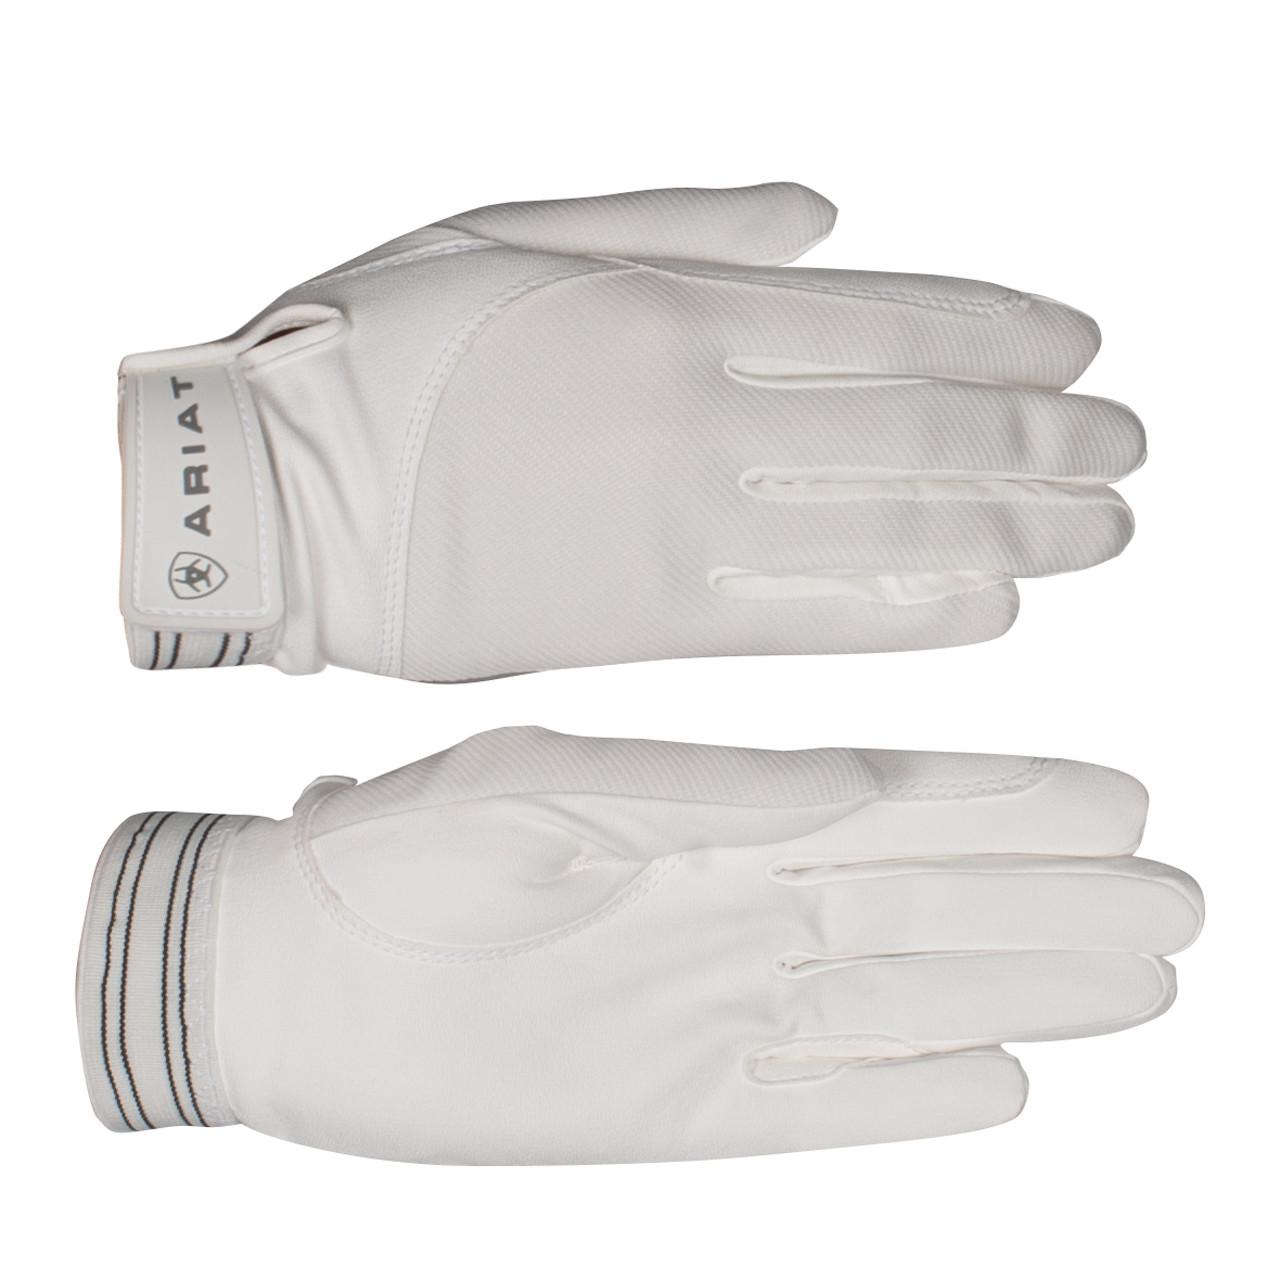 Ariat Tek Grip II handschoenen